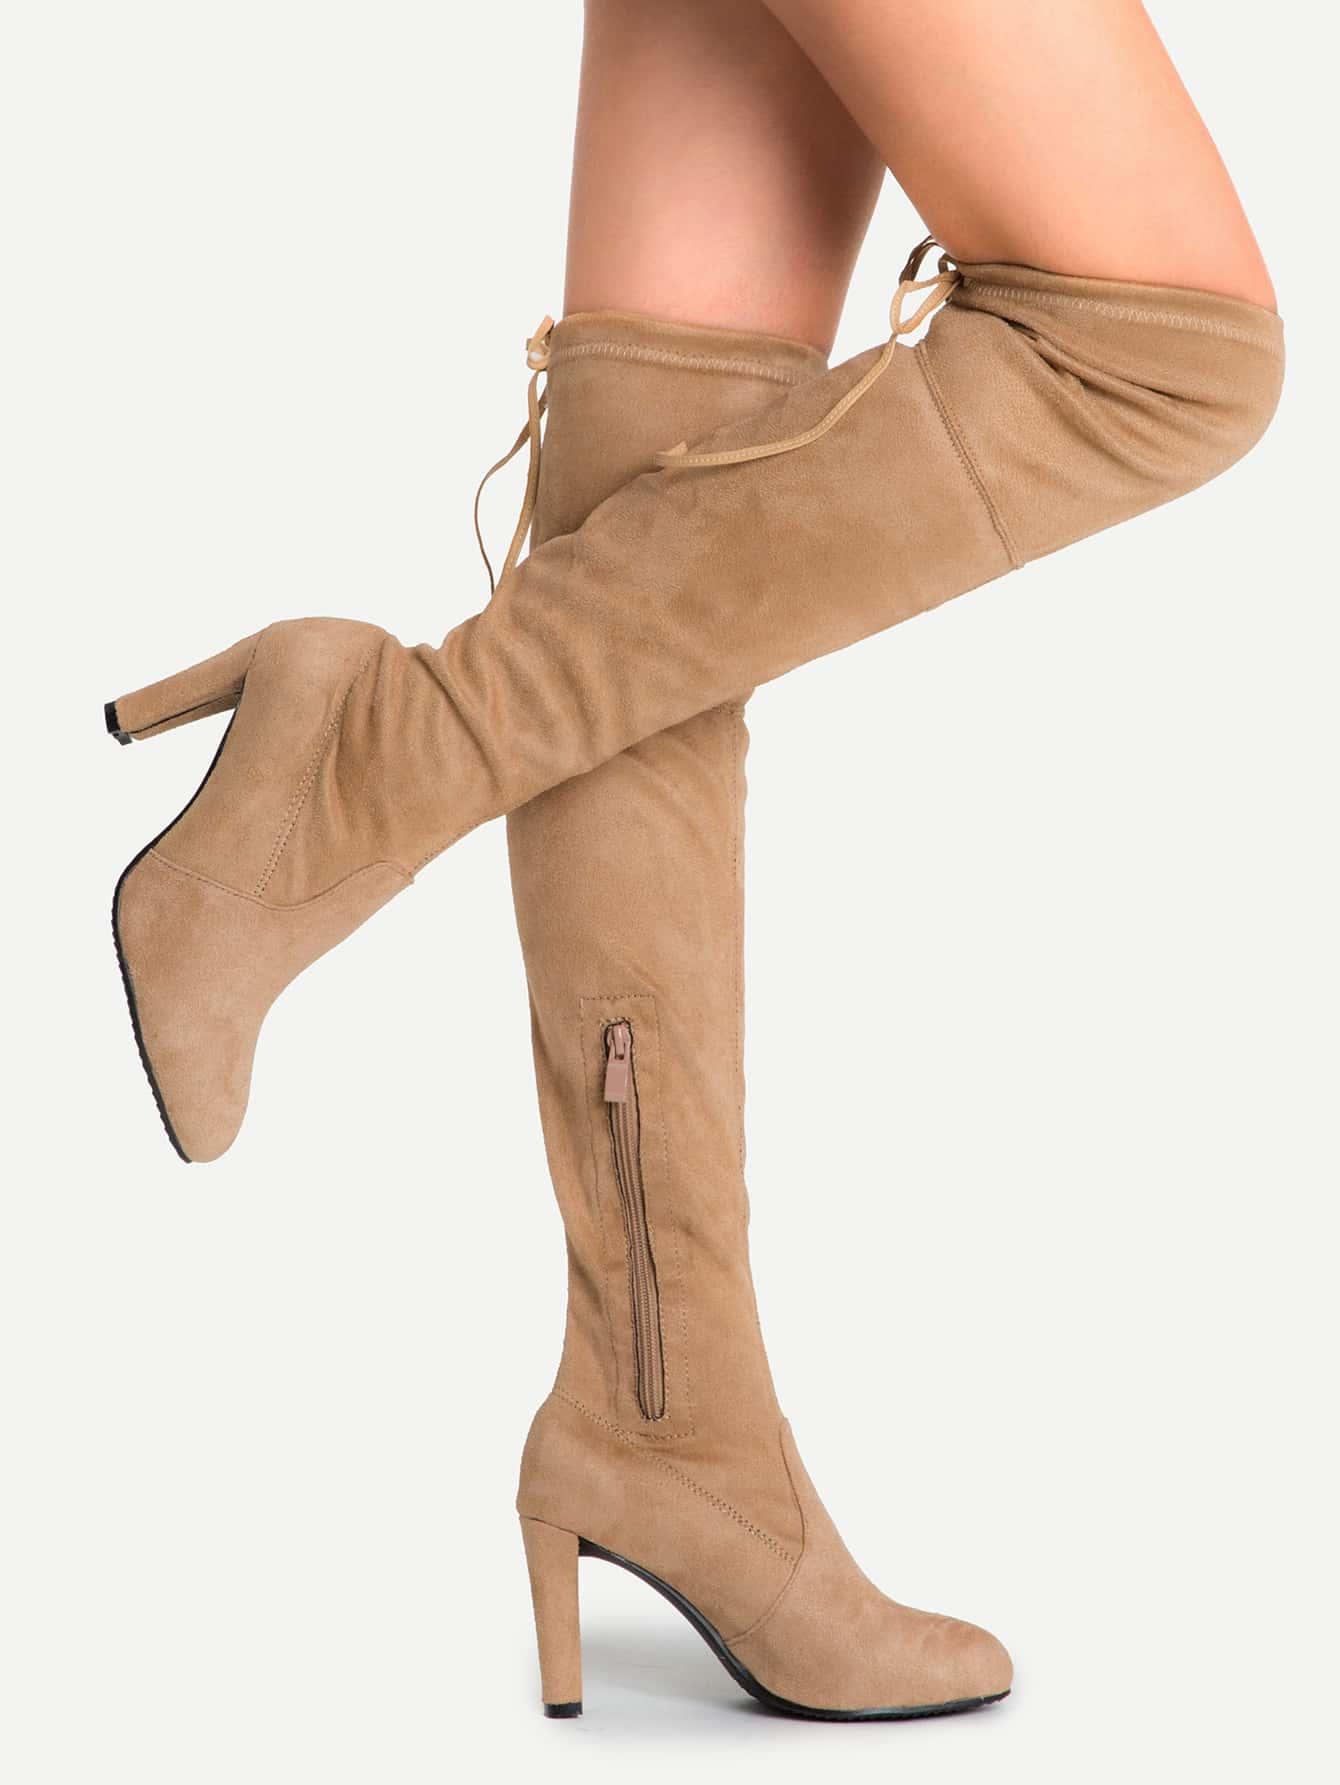 shoes160816806_2